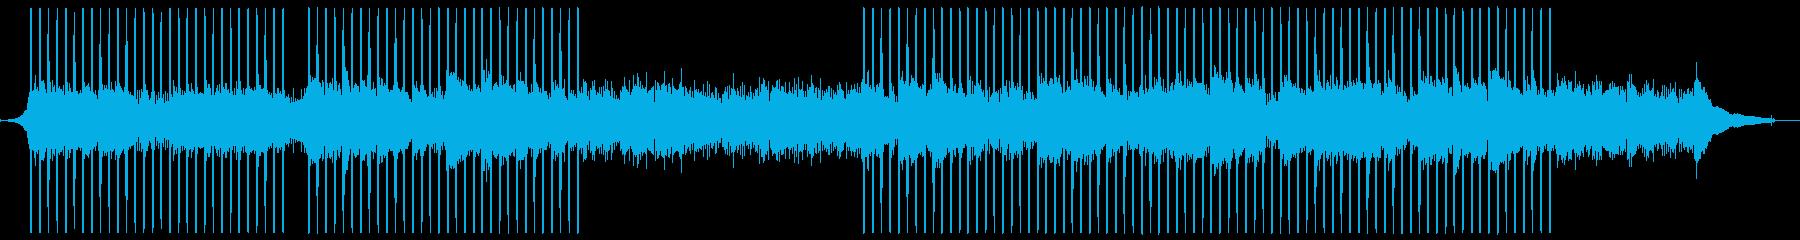 躍動感あふれるアコースティックインディーの再生済みの波形